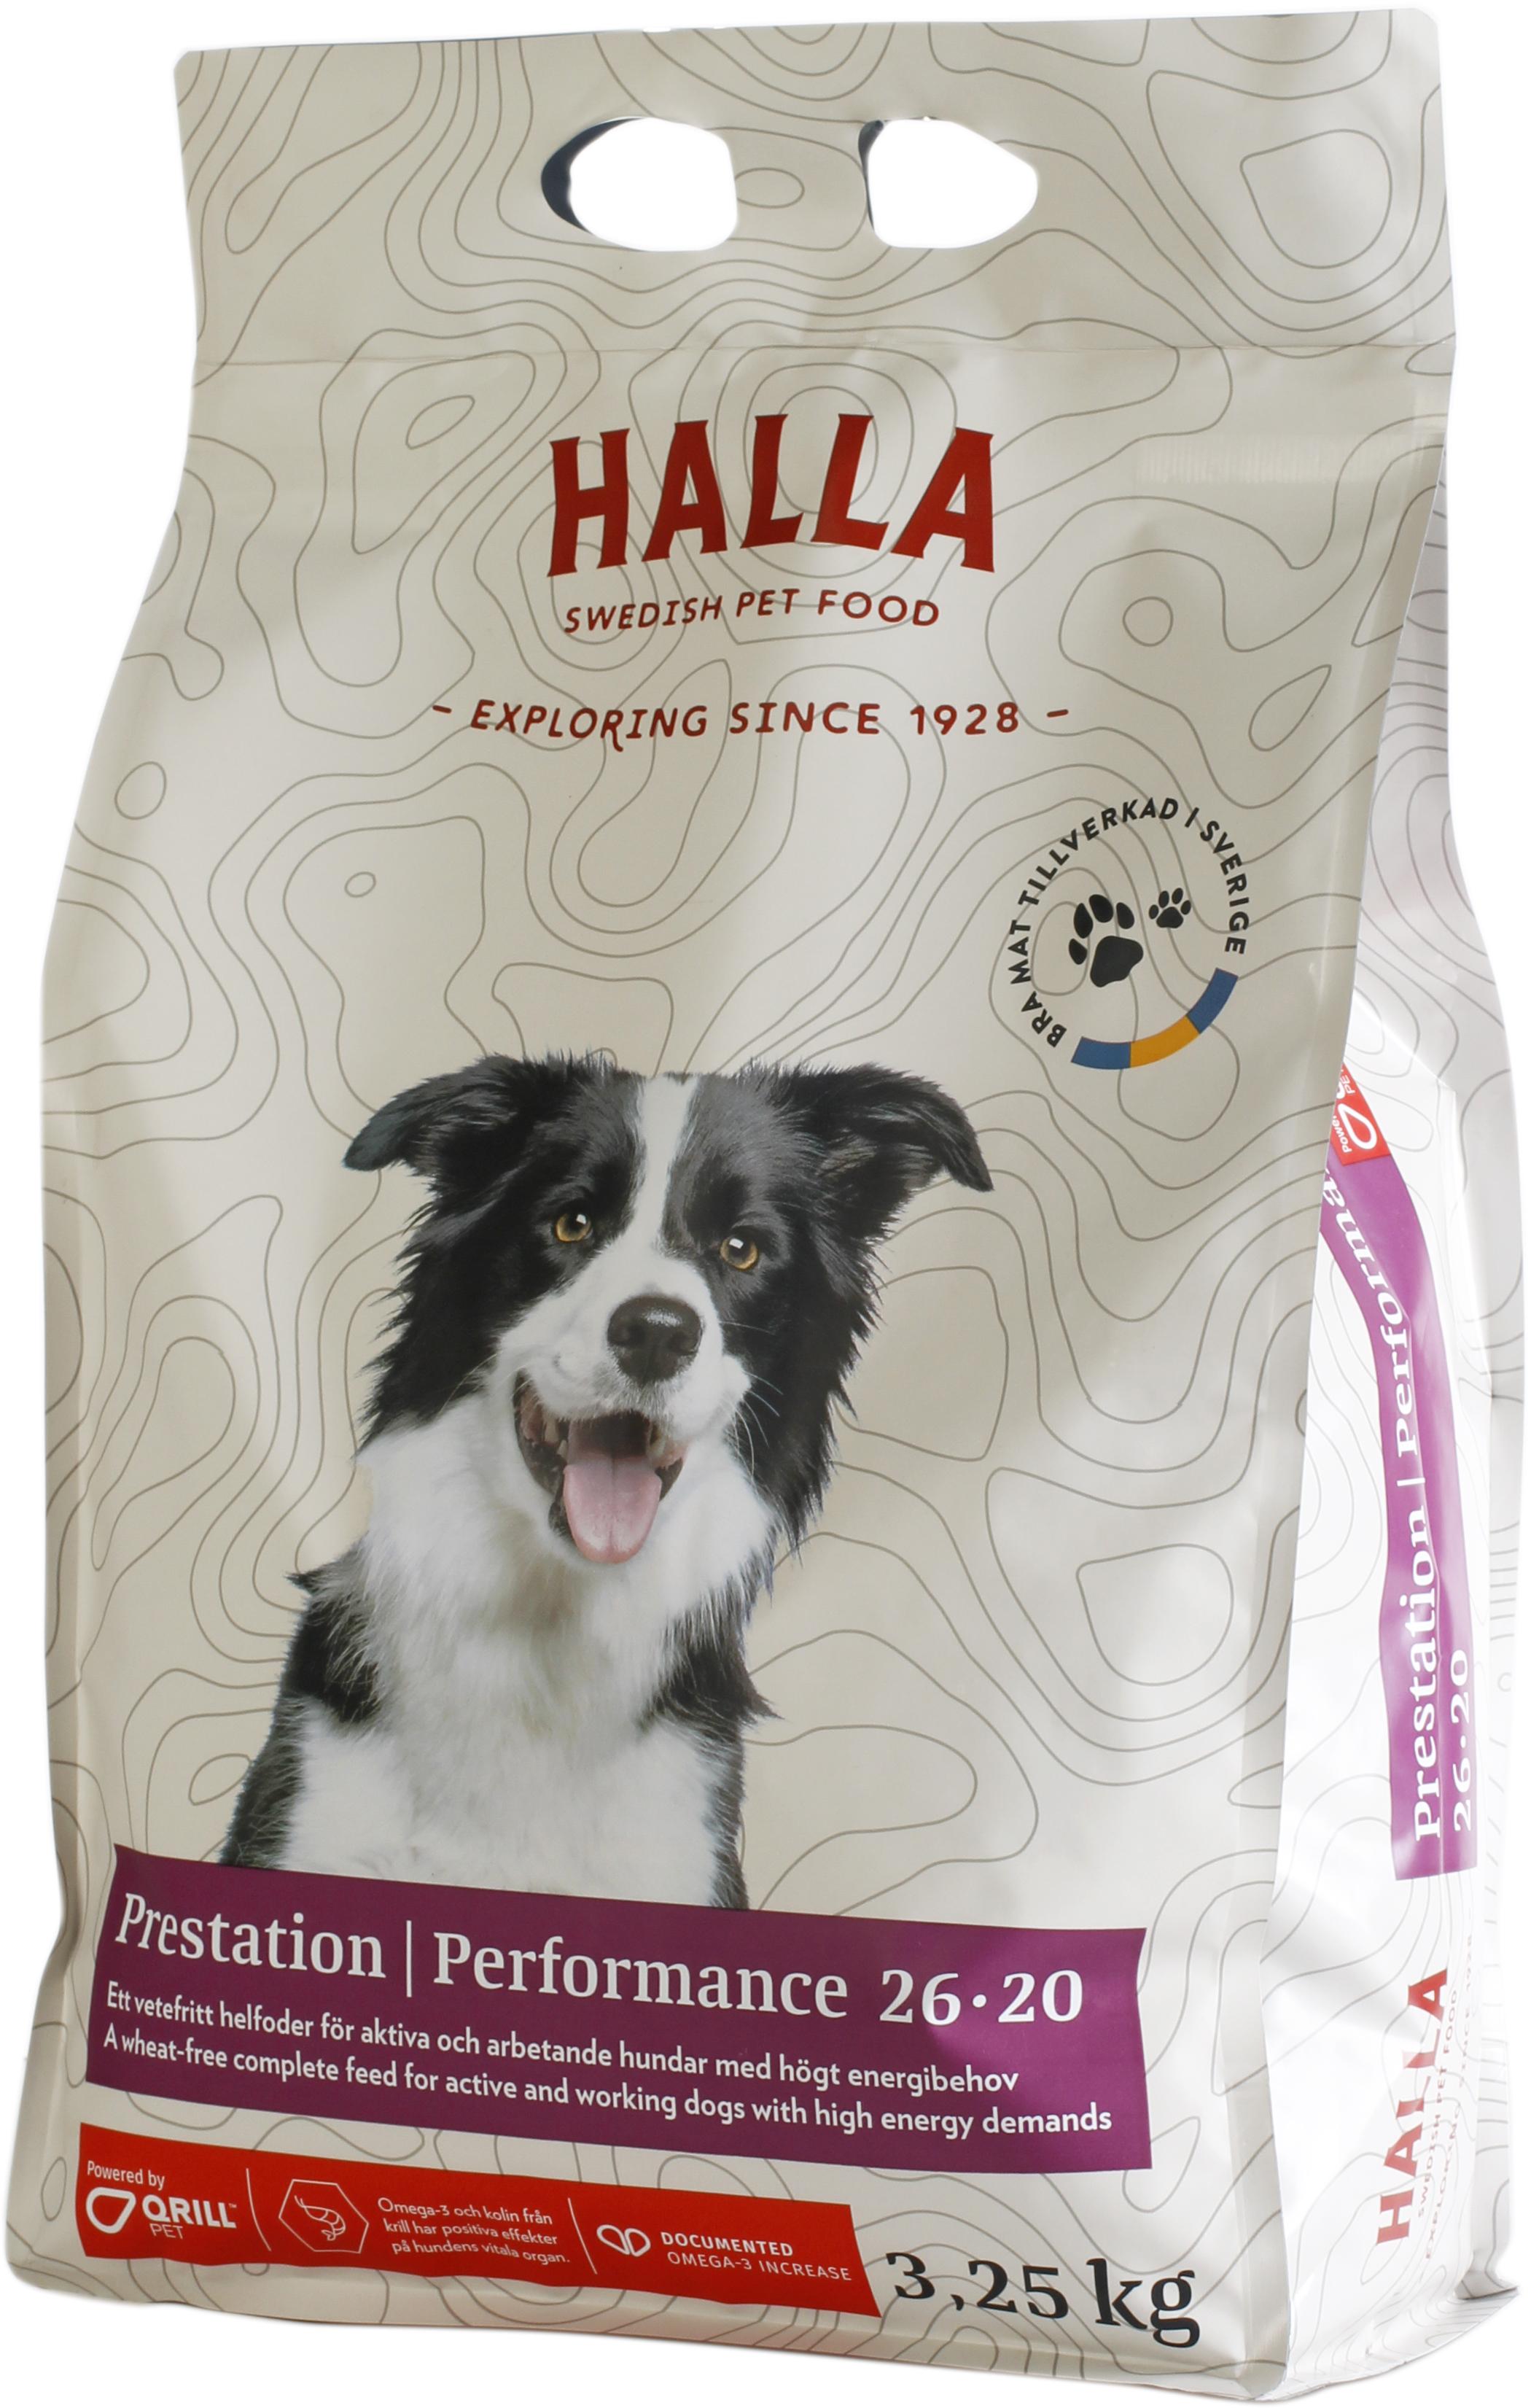 Hundfoder Halla Prestation, 3,25 kg